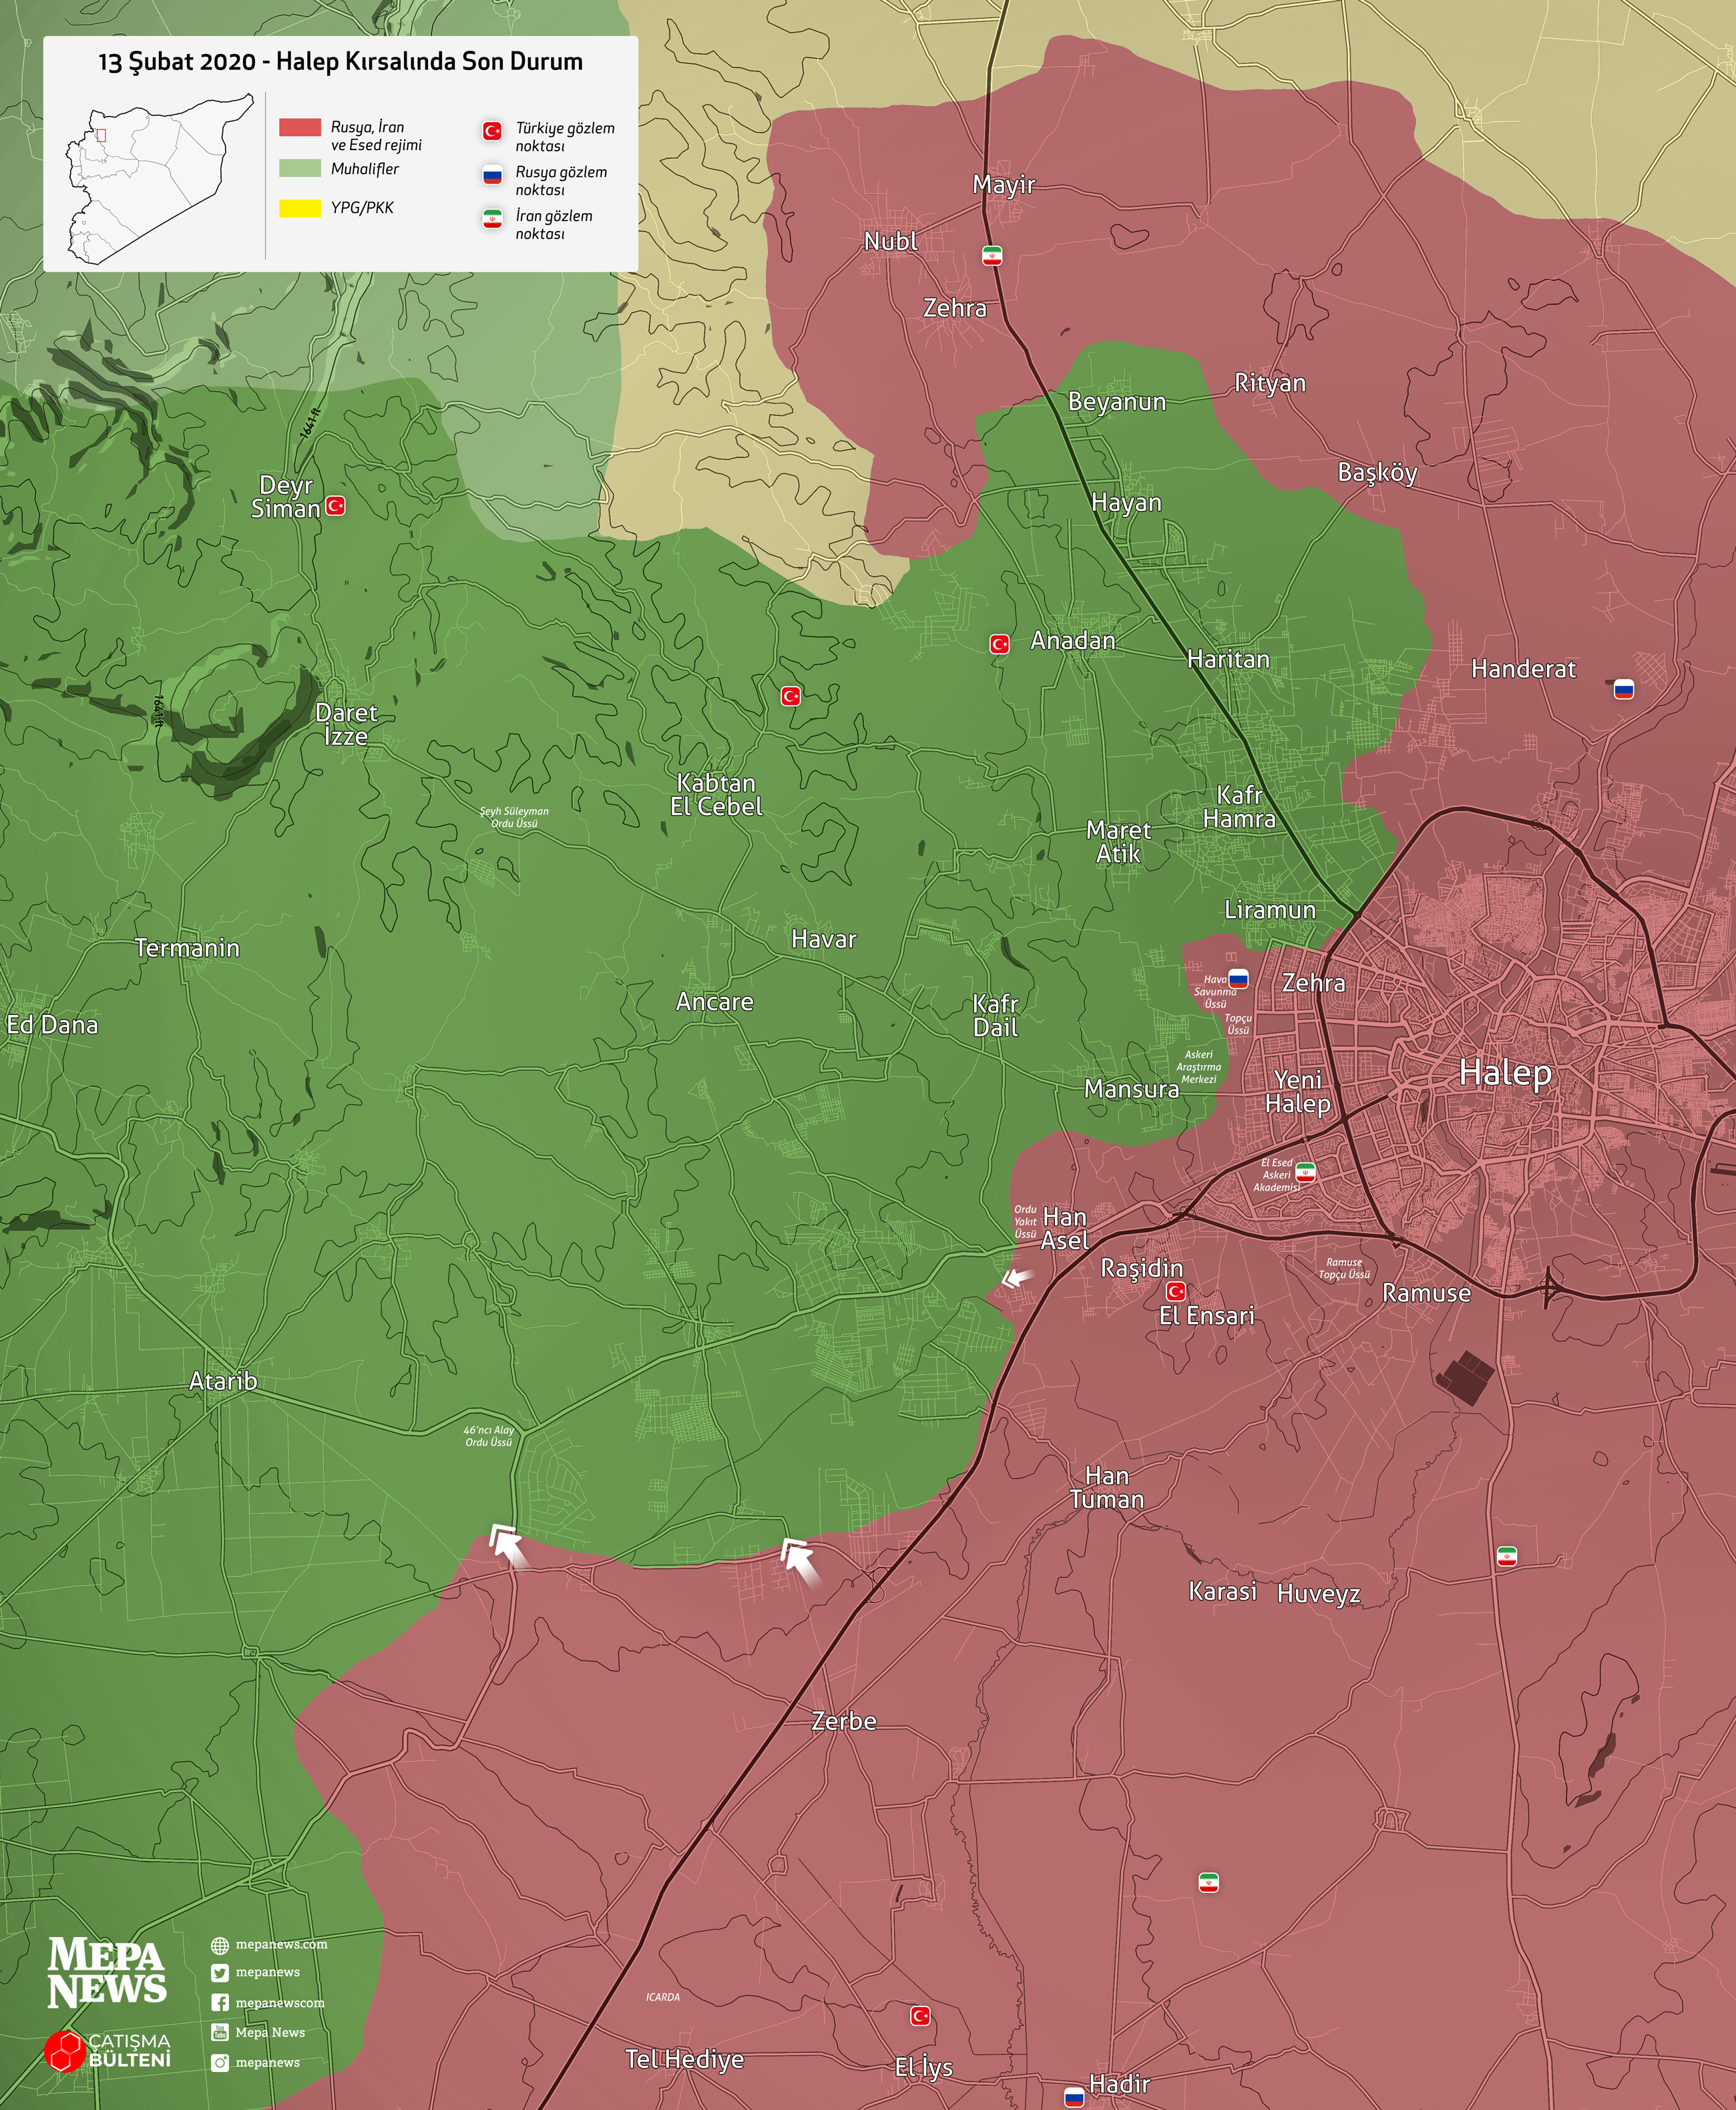 Halep kırsalında son durum (13 Şubat 2020)